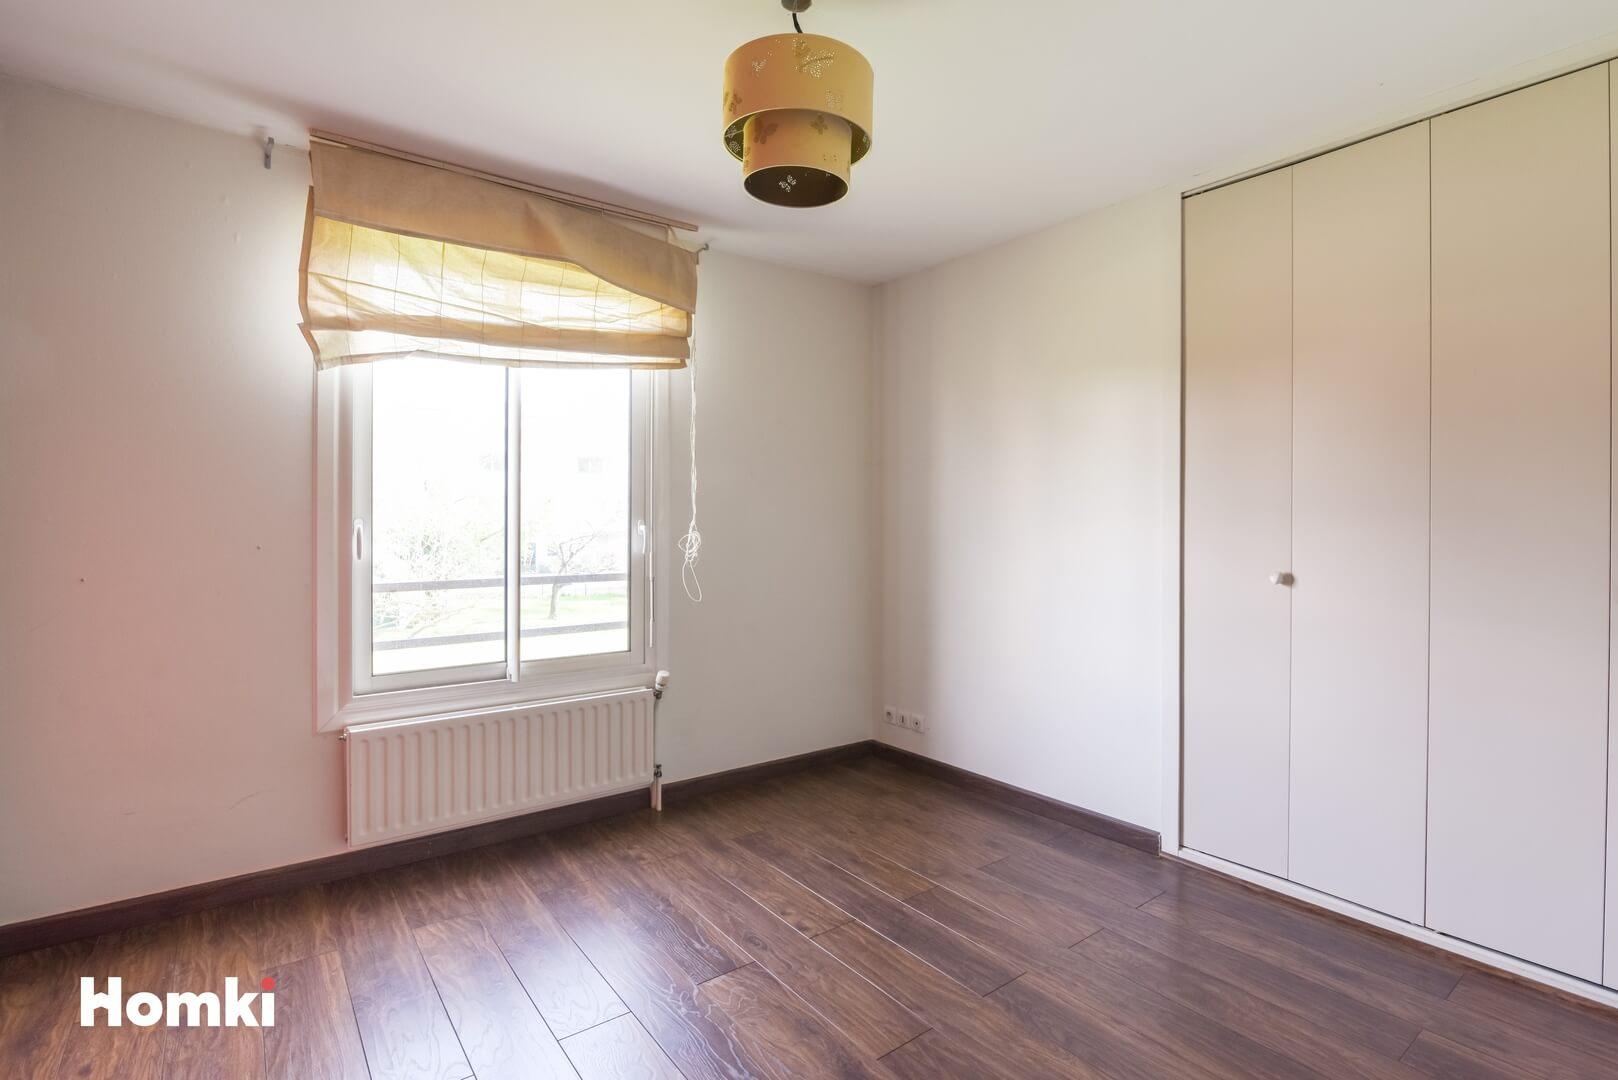 Homki - Vente Appartement  de 89.0 m² à Toulouse 31400